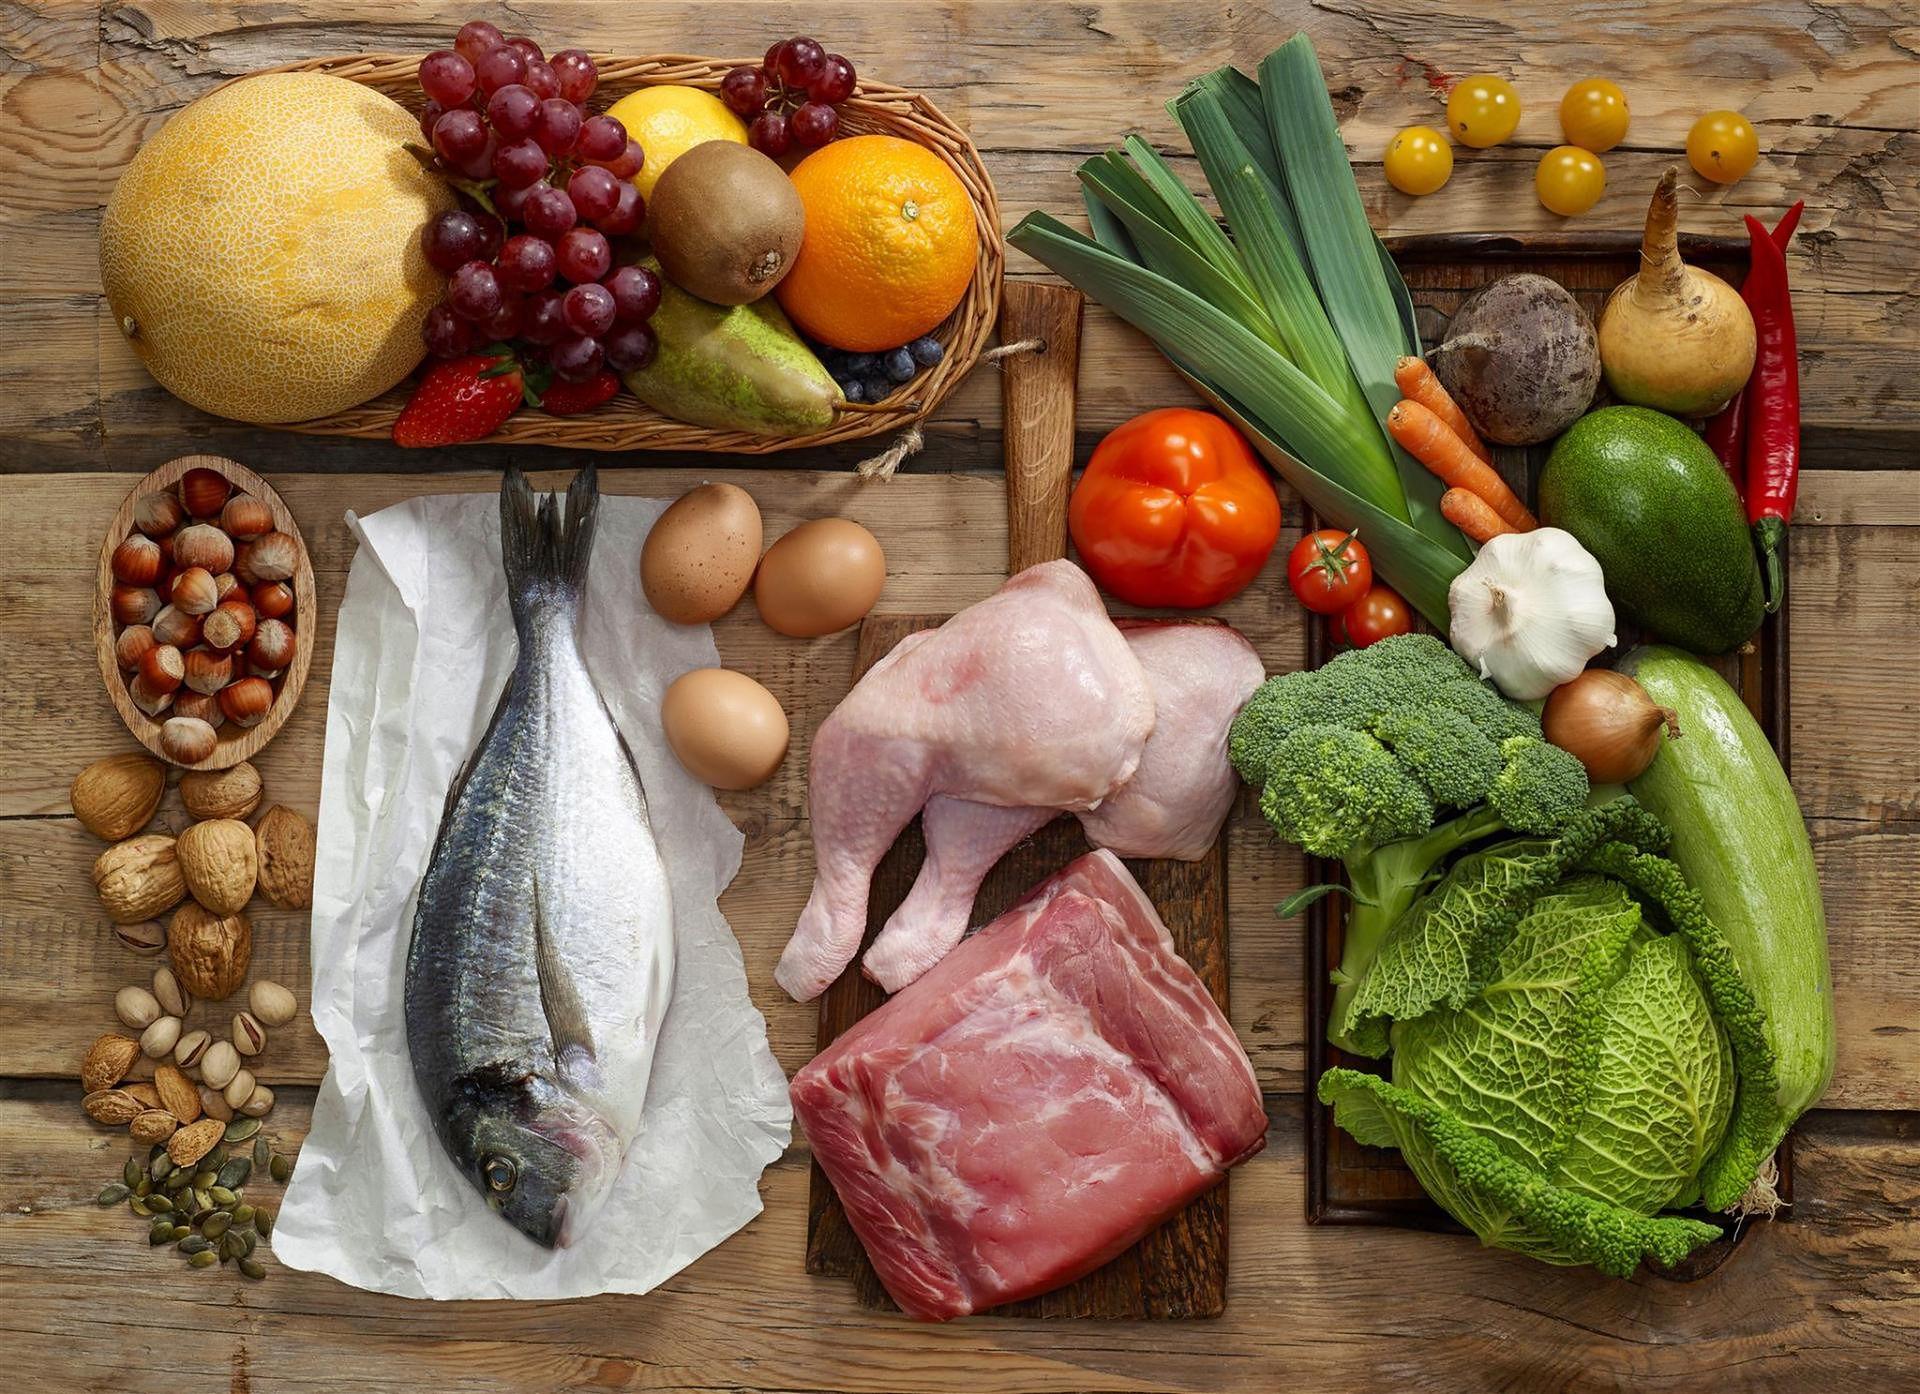 Nieswoiste Zapalenia Jelit Jak Wybrac Najbardziej Optymalna Diete